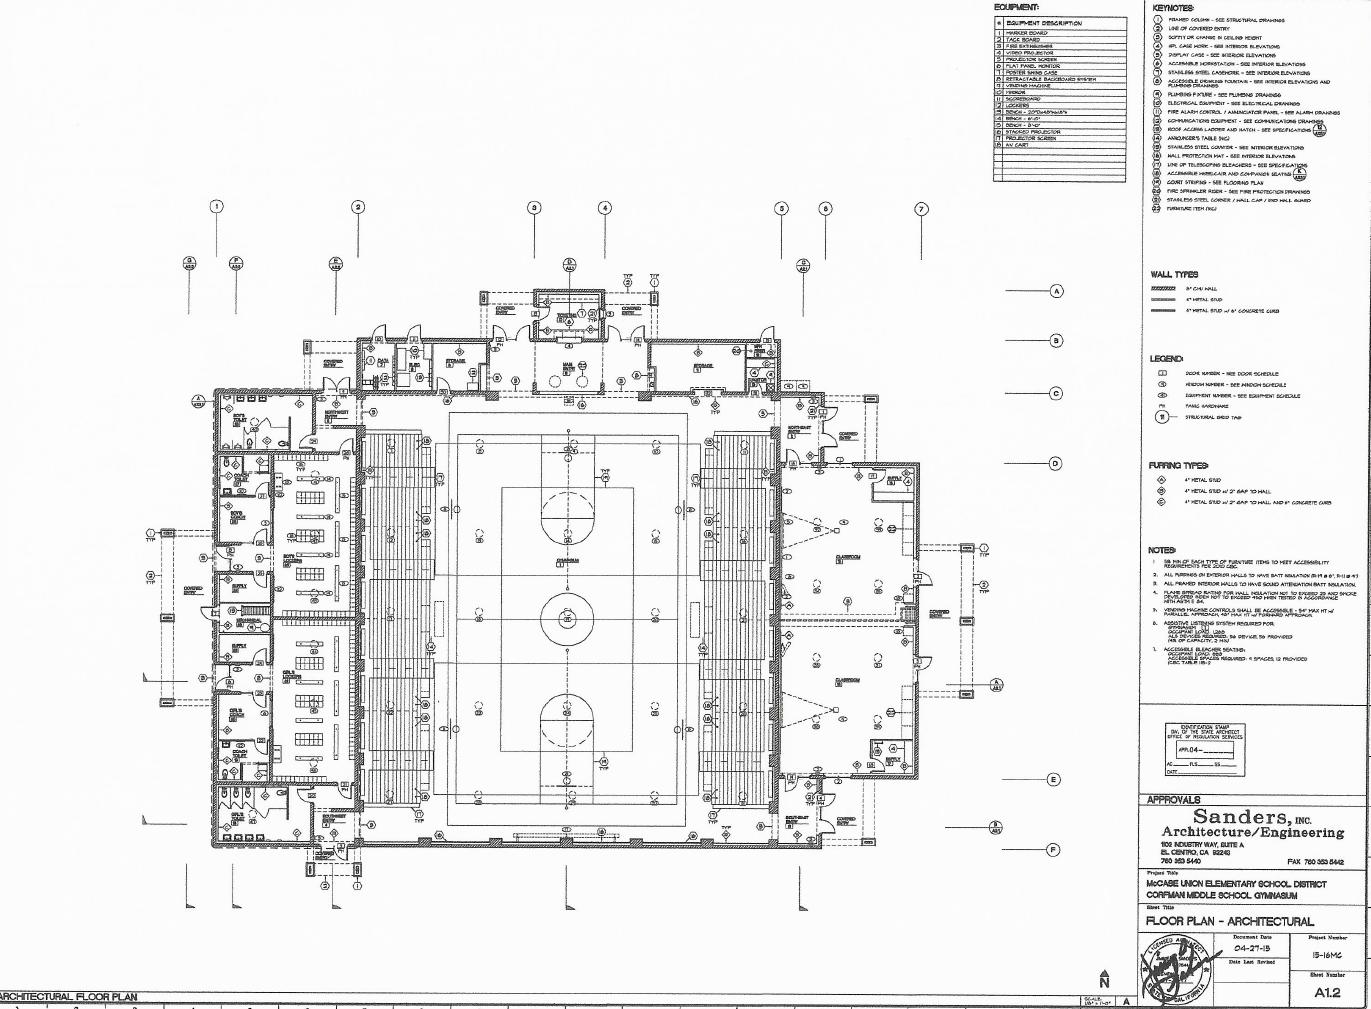 Diagram Of A Gymnasium Floor